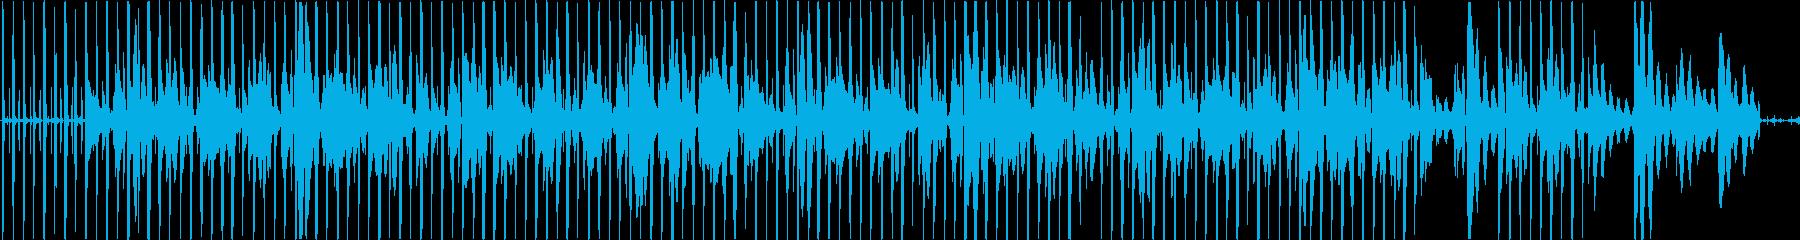 【チル】ネオソウル、LoFiヒップホップの再生済みの波形